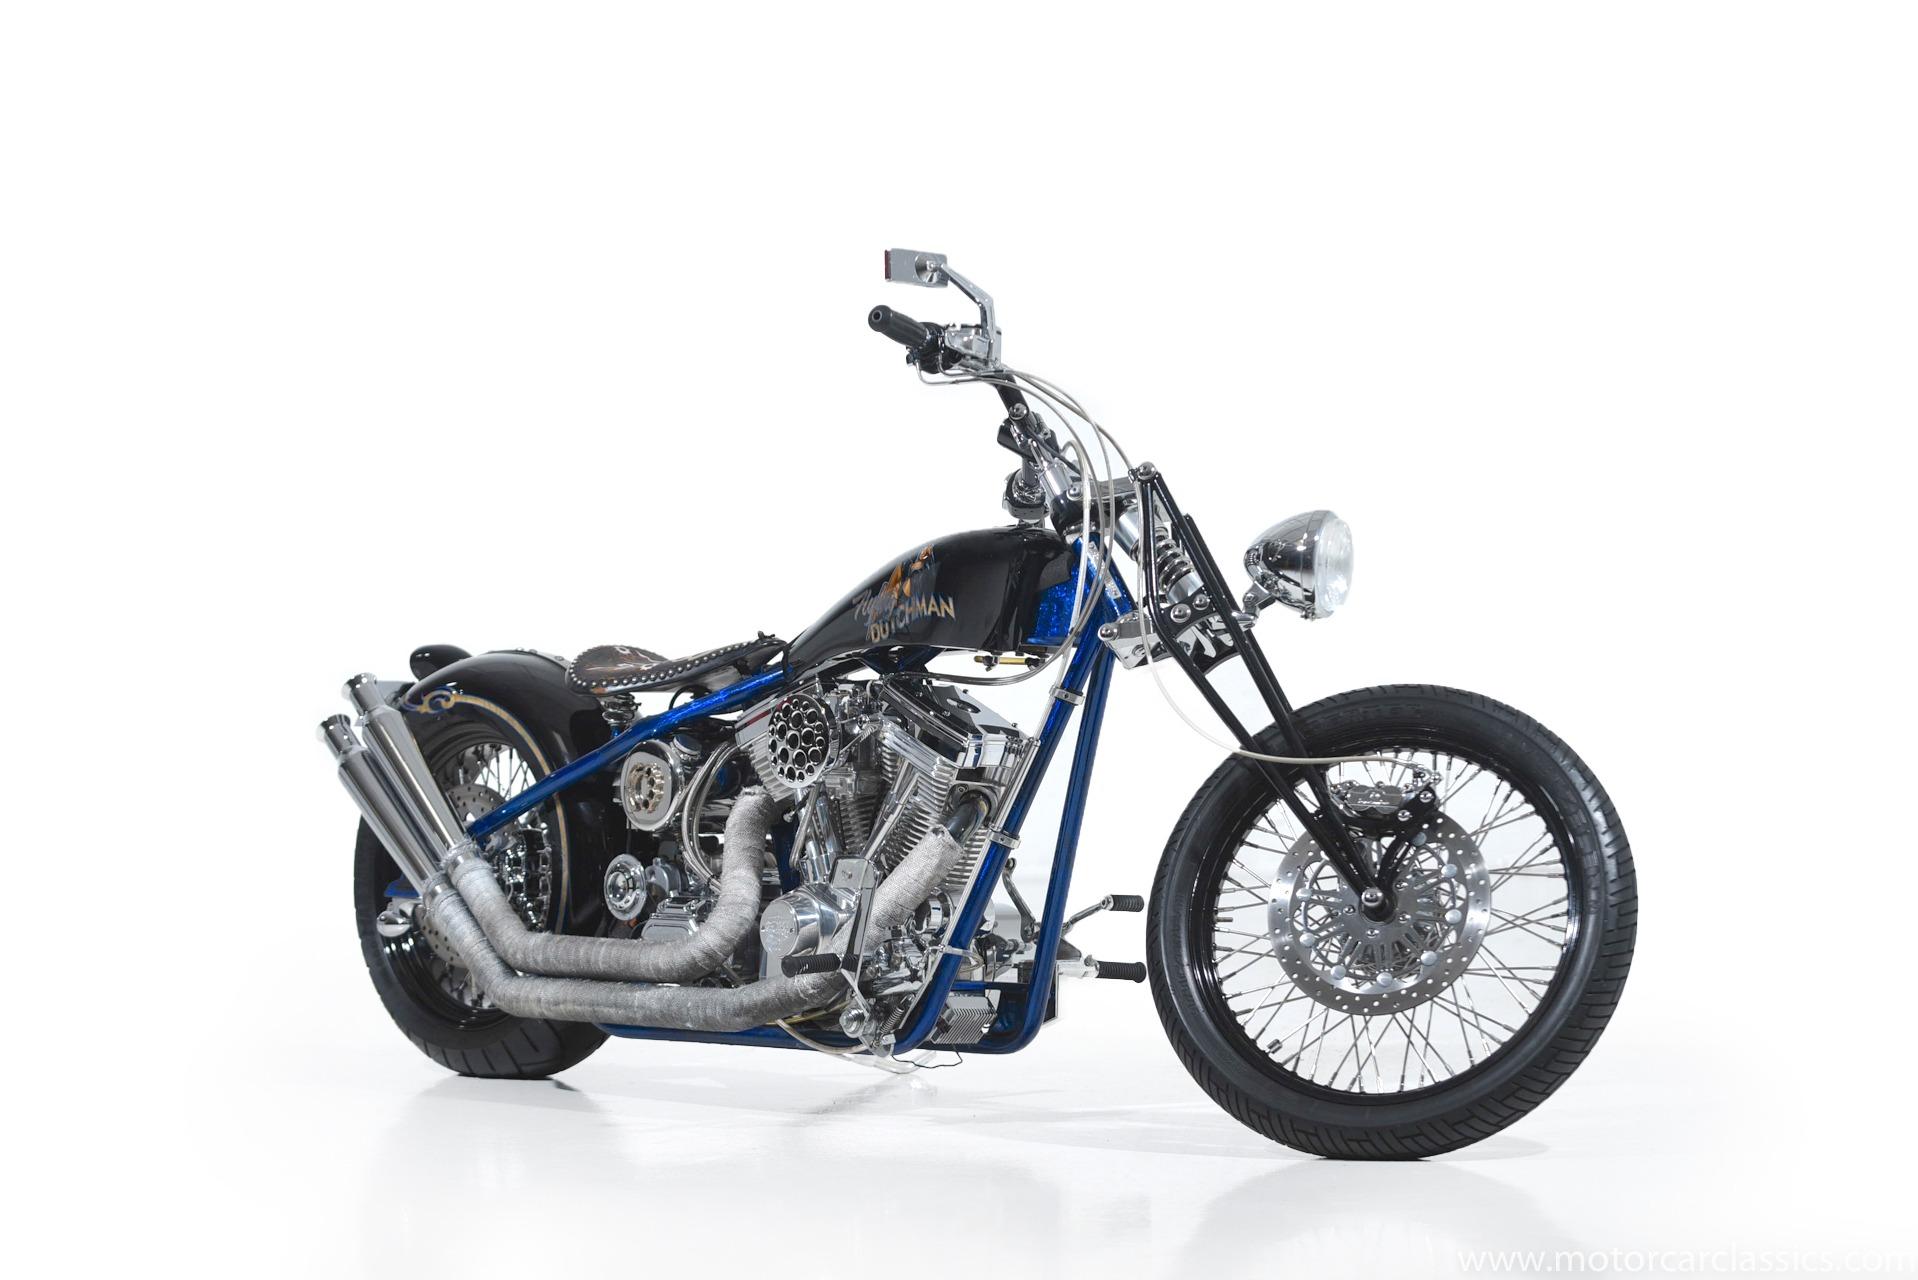 Used 2006 Von Dutch Flying Dutchman Motorcycle | Farmingdale, NY